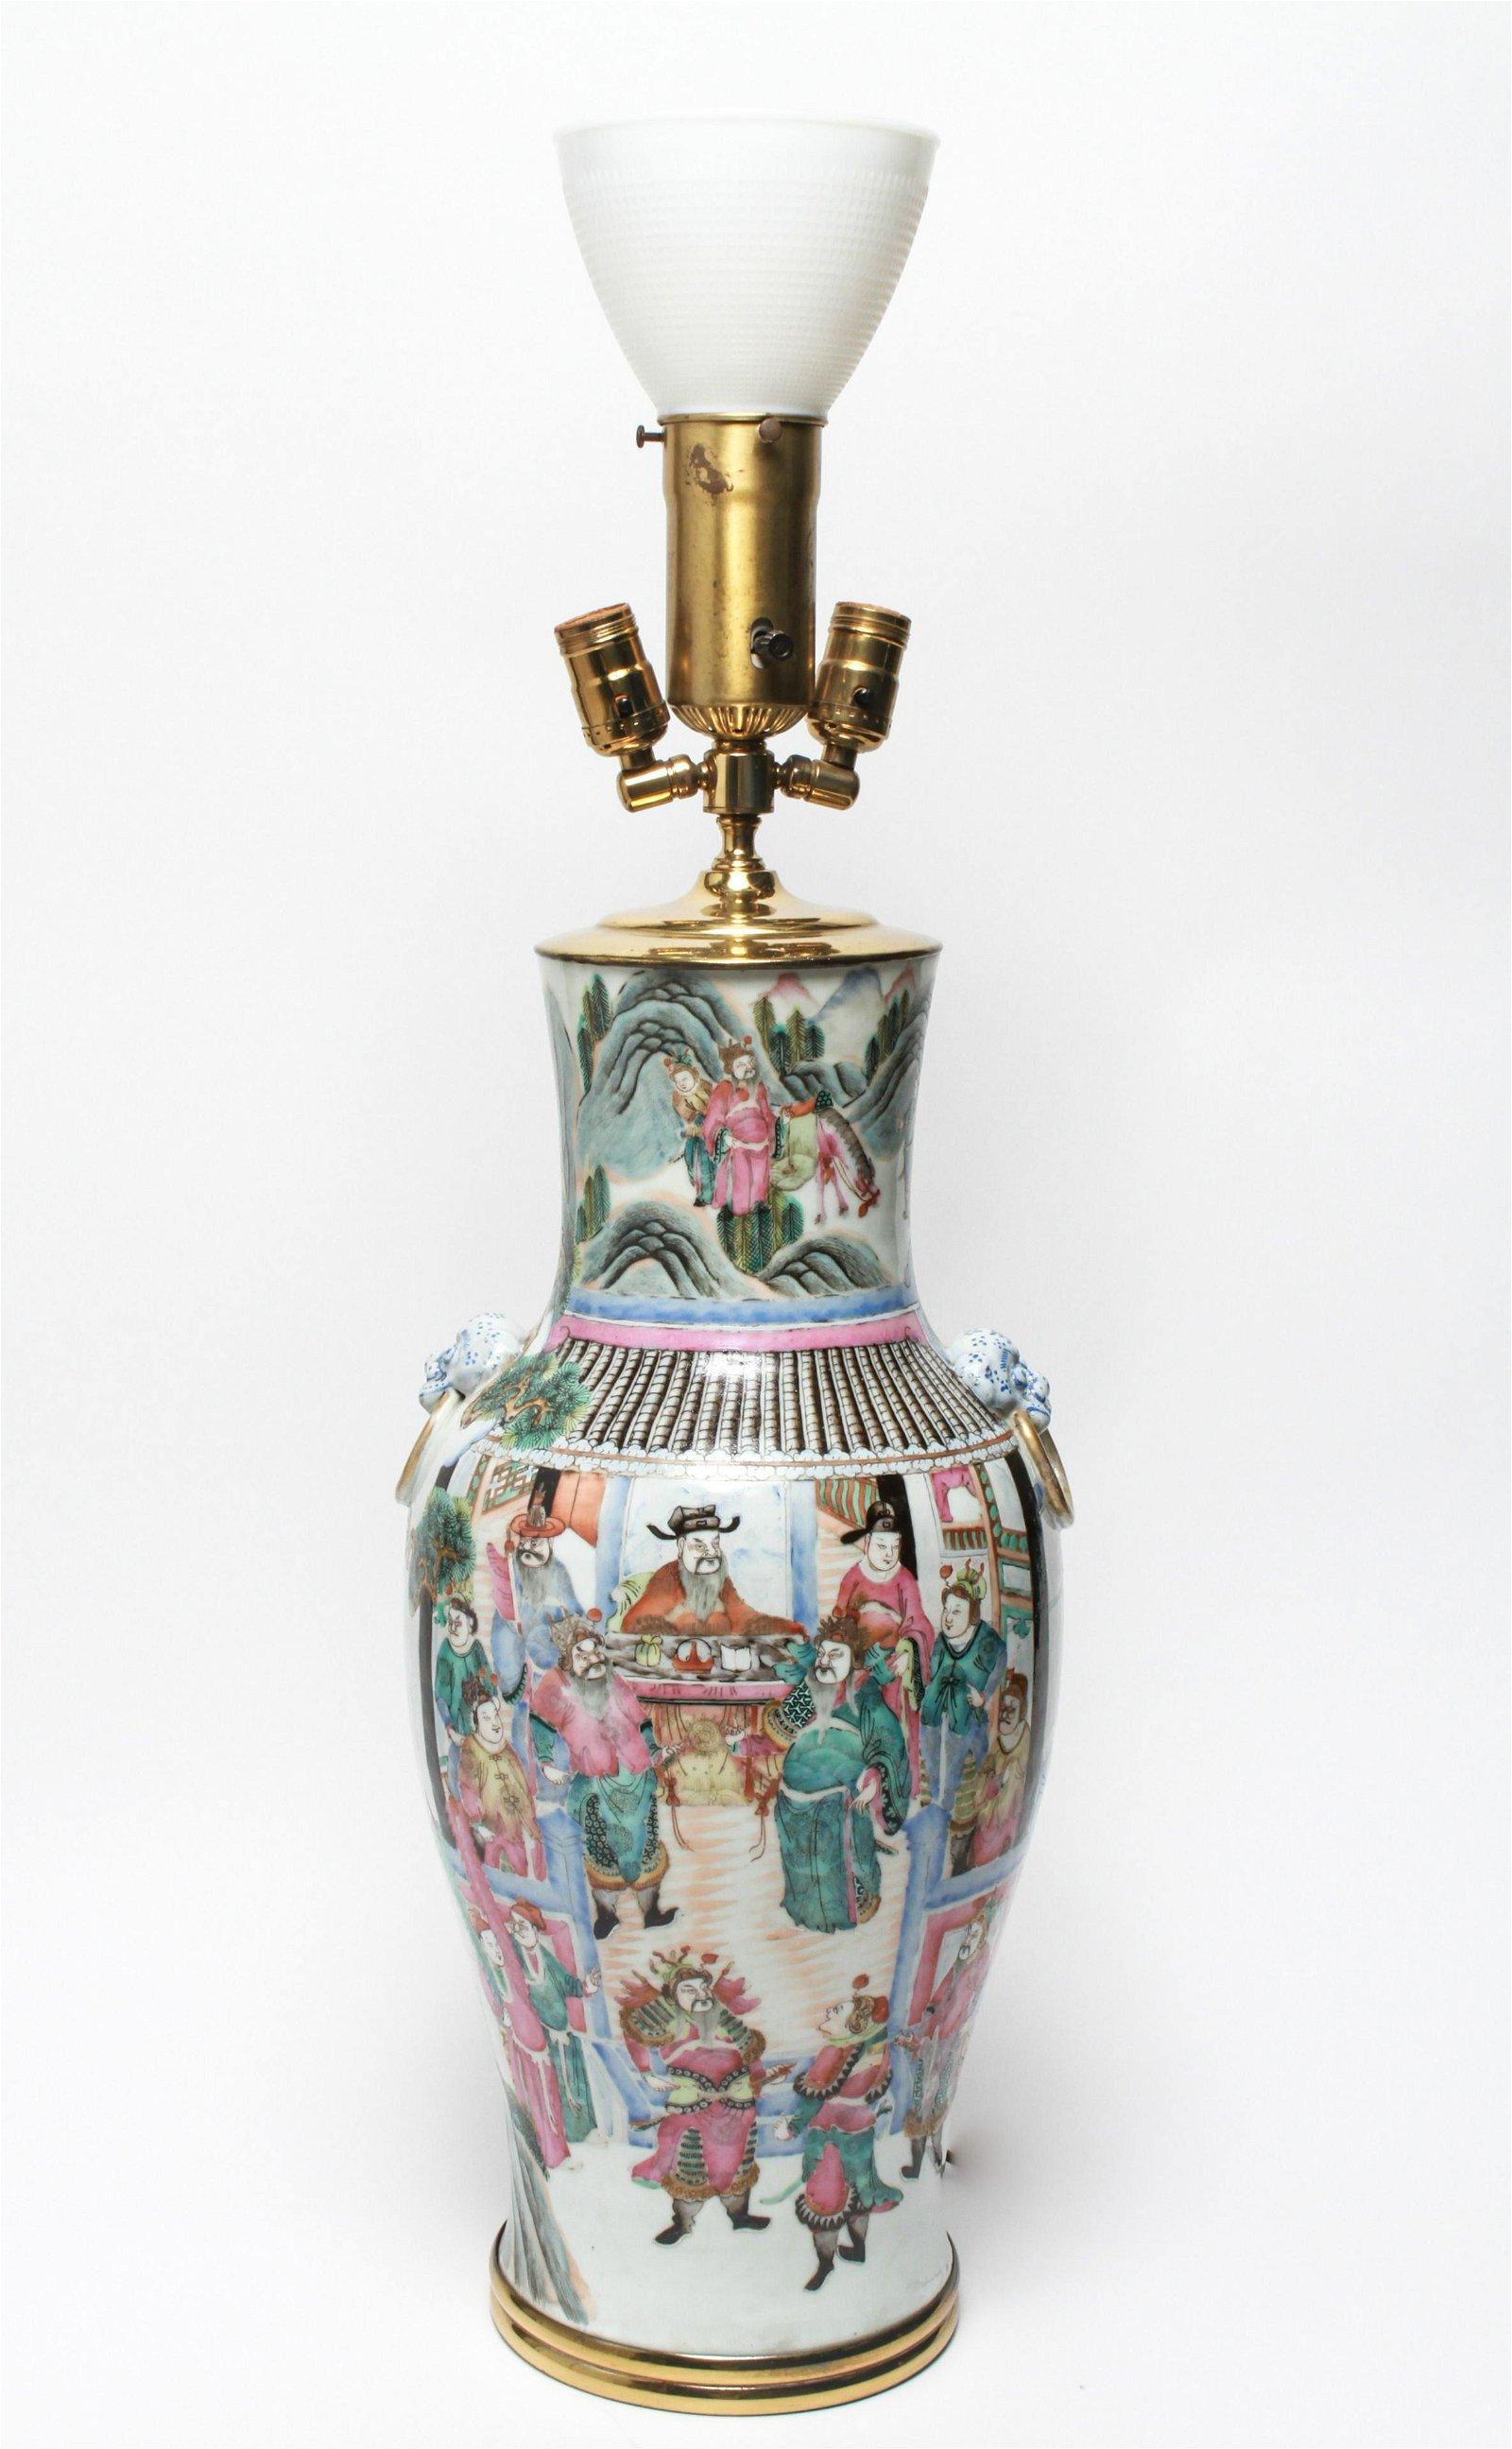 Chinese Export Polychrome Enamel Vase Lamp